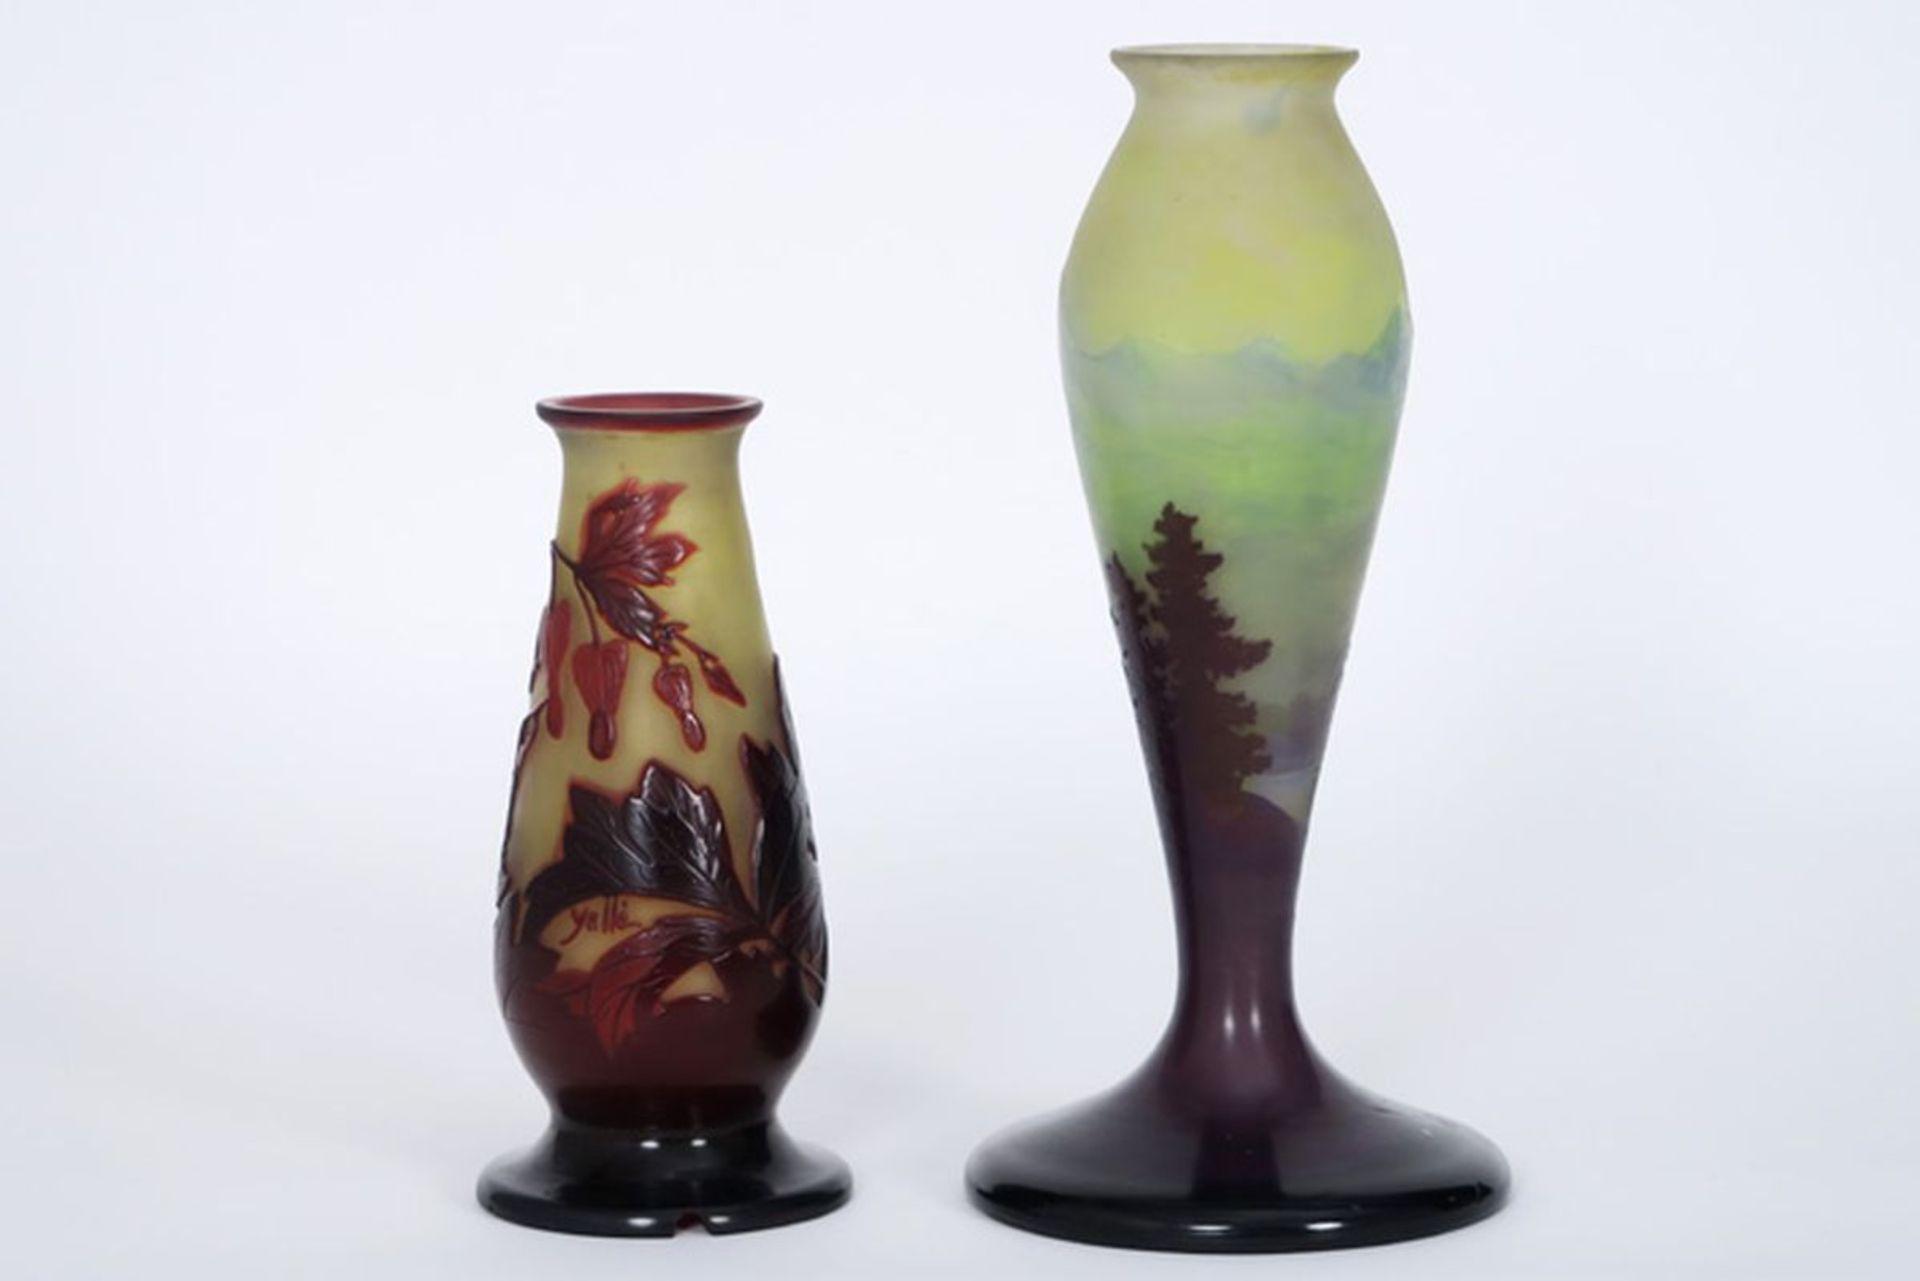 GALLÉ lot met twee Art Nouveau-vaasjes (lampevoeten) in meerlagige glaspasta, één [...] - Bild 2 aus 4